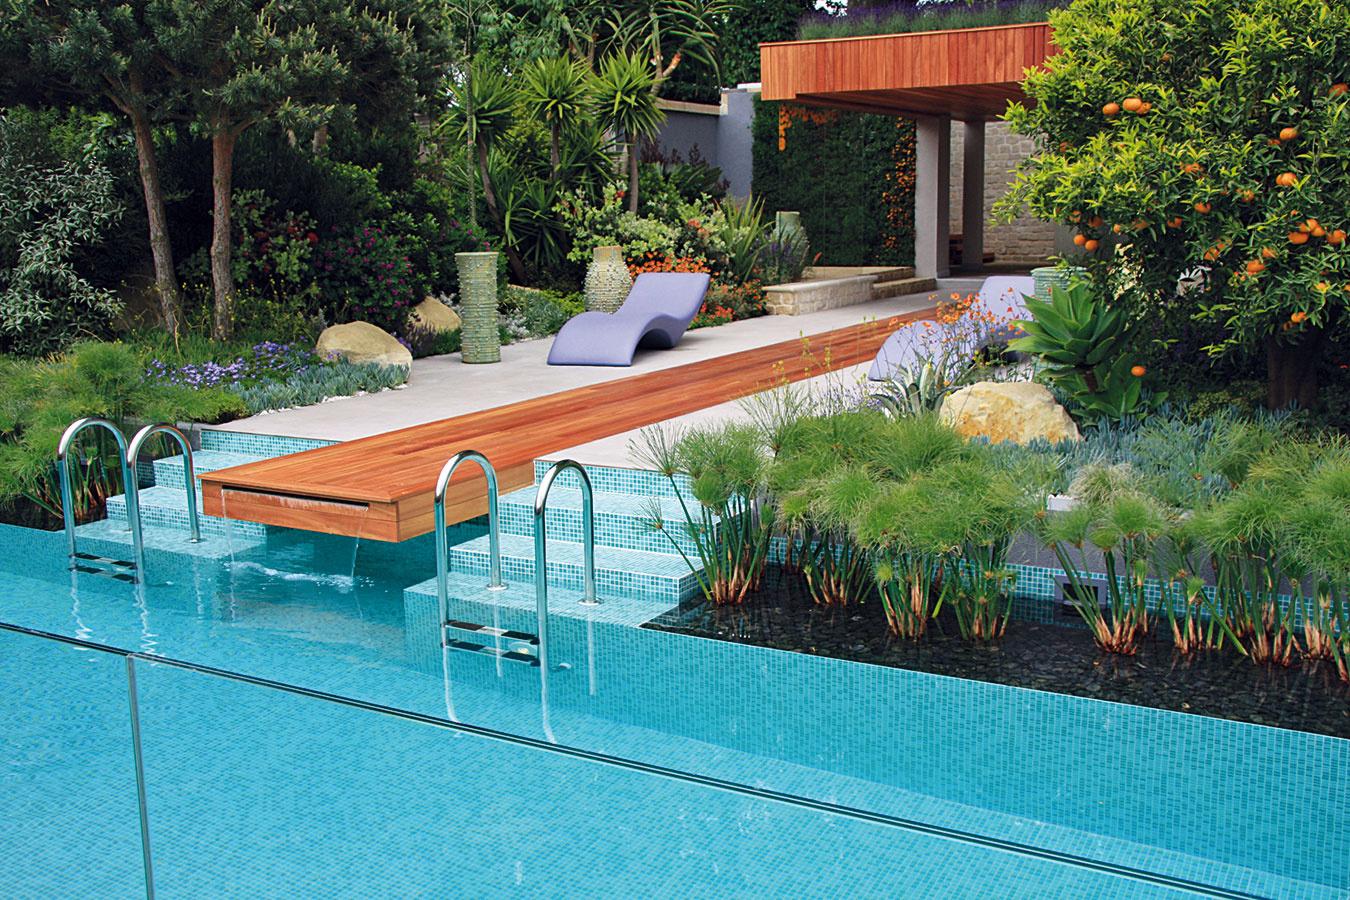 V okolí bazéna treba vždy počítať s vytvorením priestoru na záhradné sedenie, ktoré by malo harmonizovať s celkovým štýlom záhrady. Z rastlín voľte druhy, ktorým v lete neprekáža páľava, sucho ani občasné špľachnutie bazénovej vody.